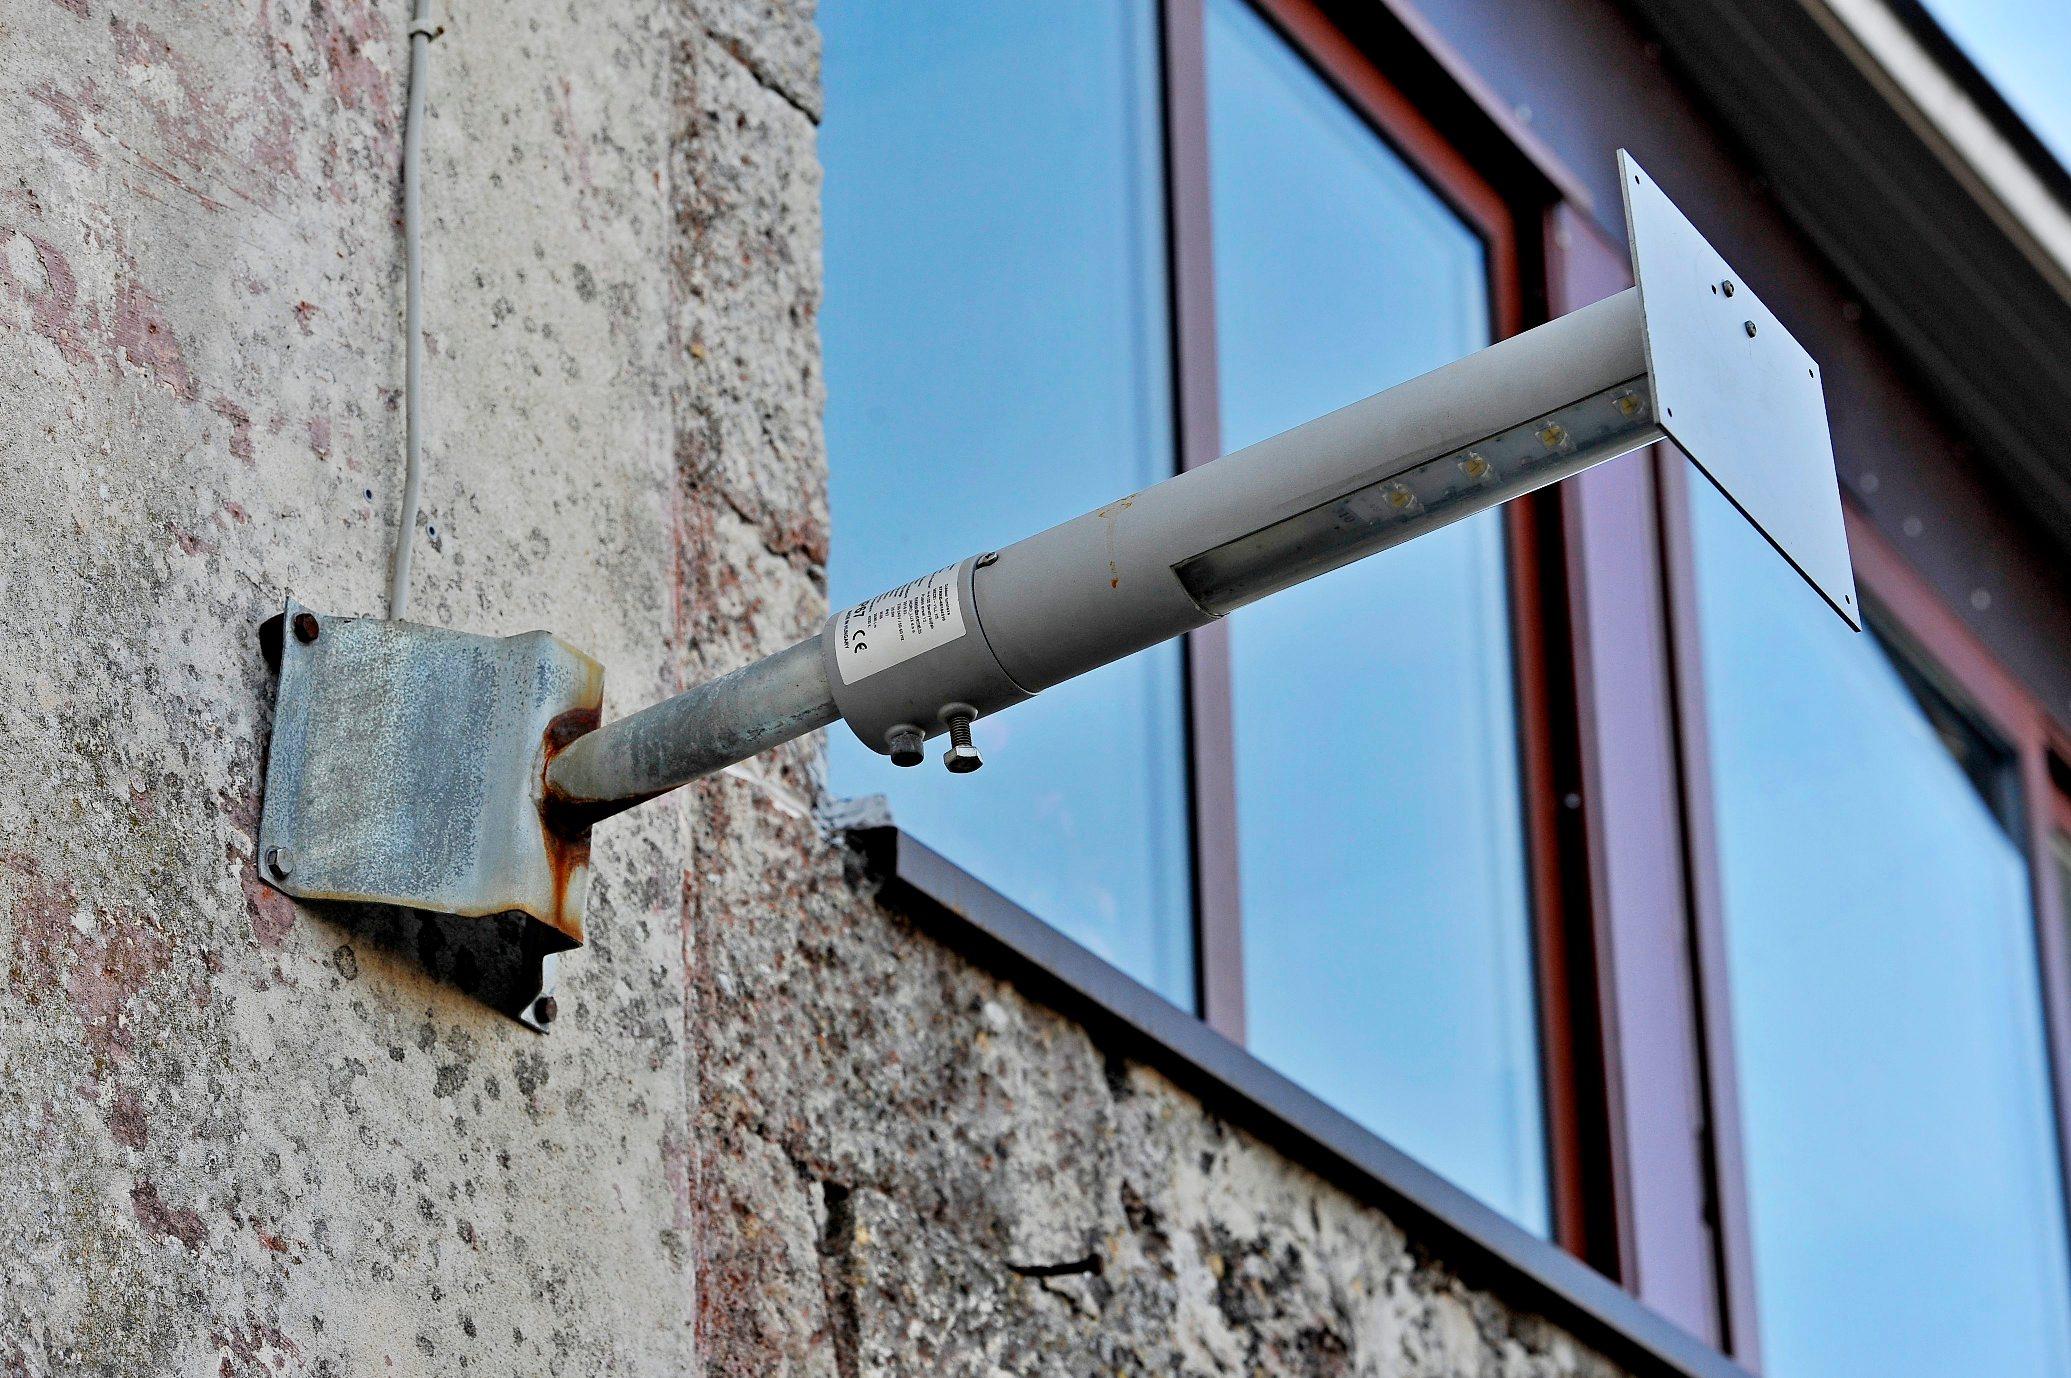 Nerezisca, 281218. Opcina Nerezisca je prije nekoliko godina uvela javnu LED rasvjetu. Rasvjeta se financirala sredstvima Fonda za zastitu okolisa i energetsku ucinkovitost.Umirovljena doktorica Smiljanka Boban koja ima staru kucu se bori protiv rasvjete jer tvrdi da je prejaka i da skodi zdravlju ljudi. Na fotografiji: ulicna led lampa sa dodanim sjenilom Foto: Nikola Vilic / CROPIX